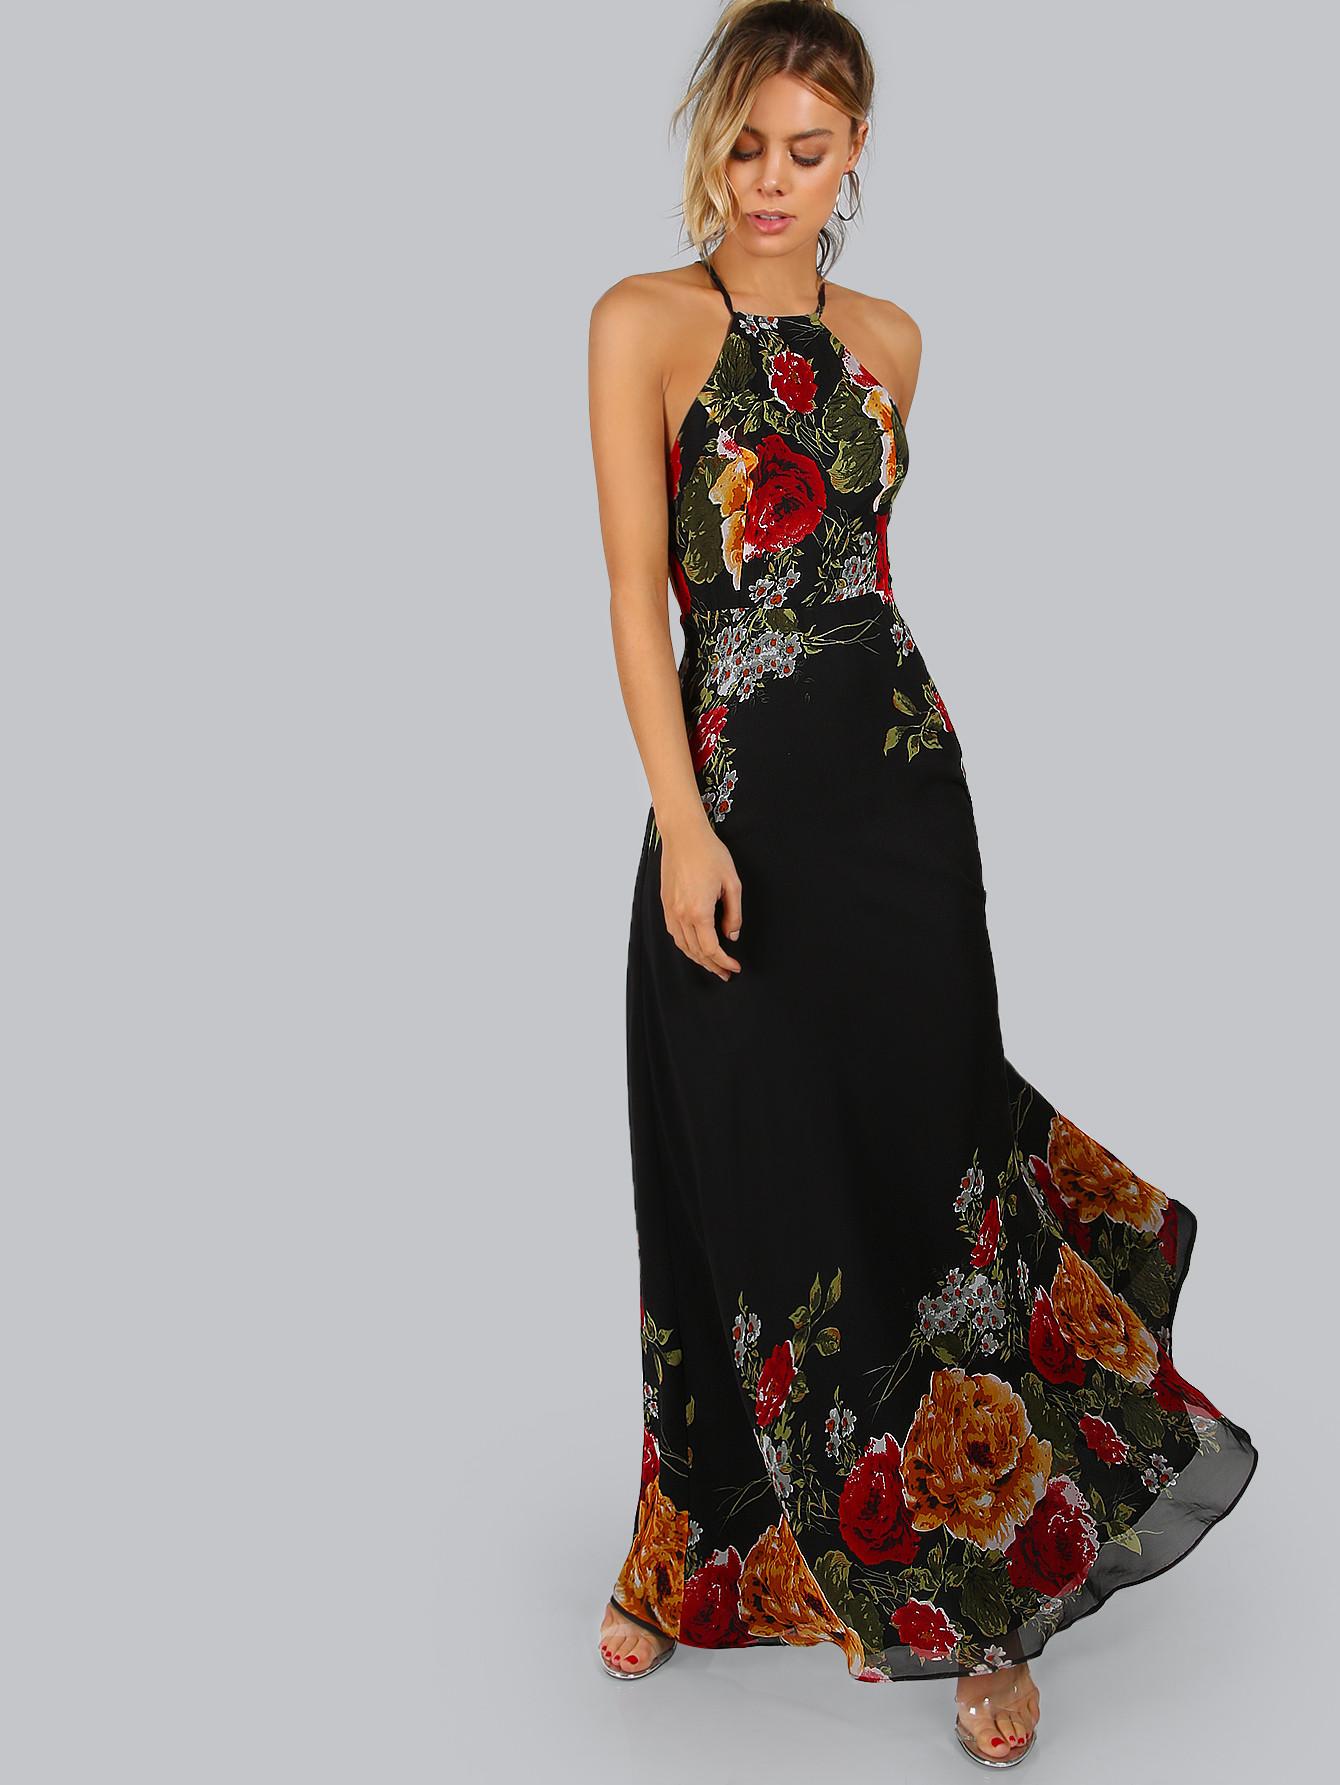 0787e0a9ea52 BadLady.sk Dlhé čierne kvetované šaty - Glami.sk